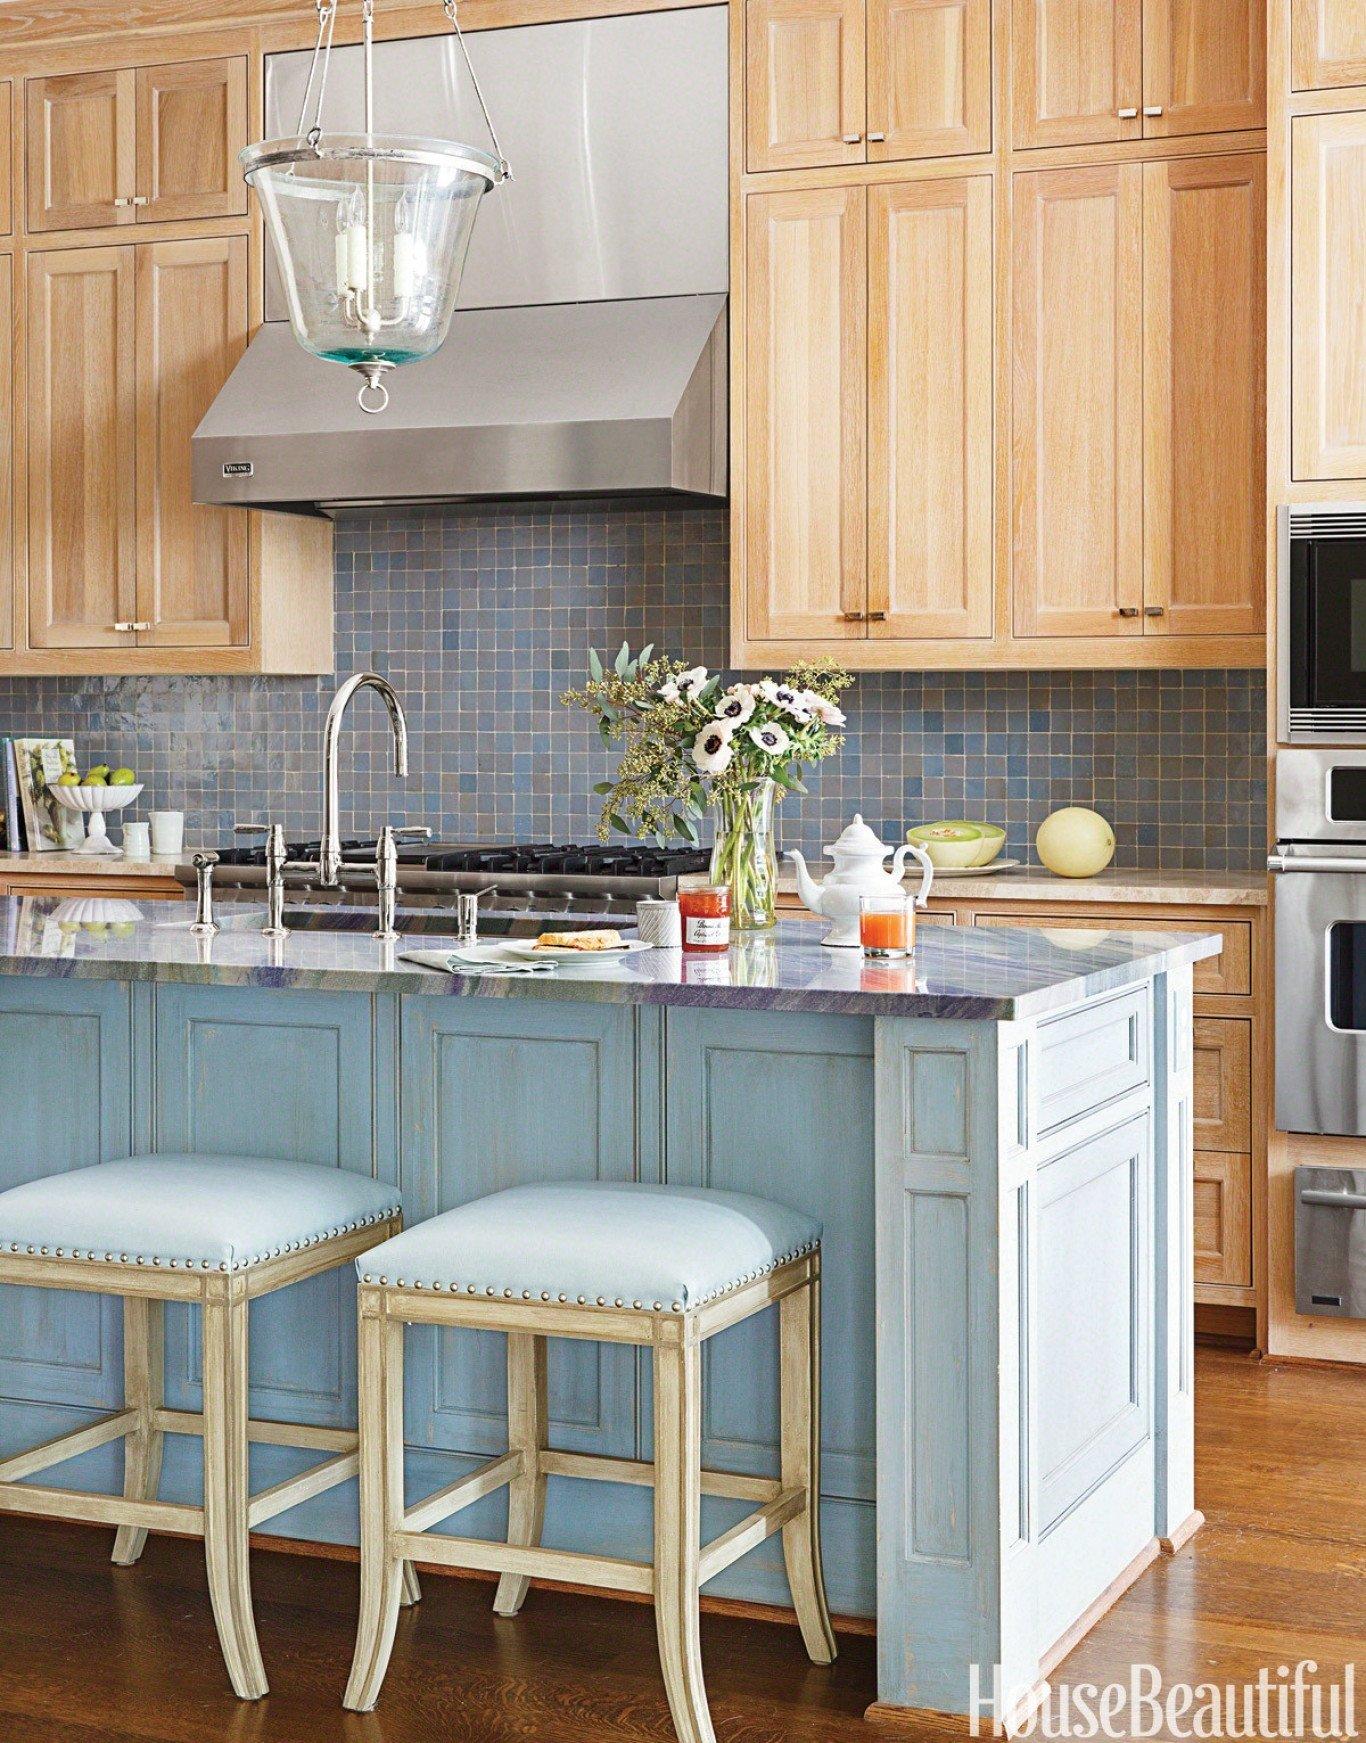 10 Pretty Ideas For Backsplash In Kitchen kitchen backsplash ideas cheap backsplash ideas for renters diy 2021